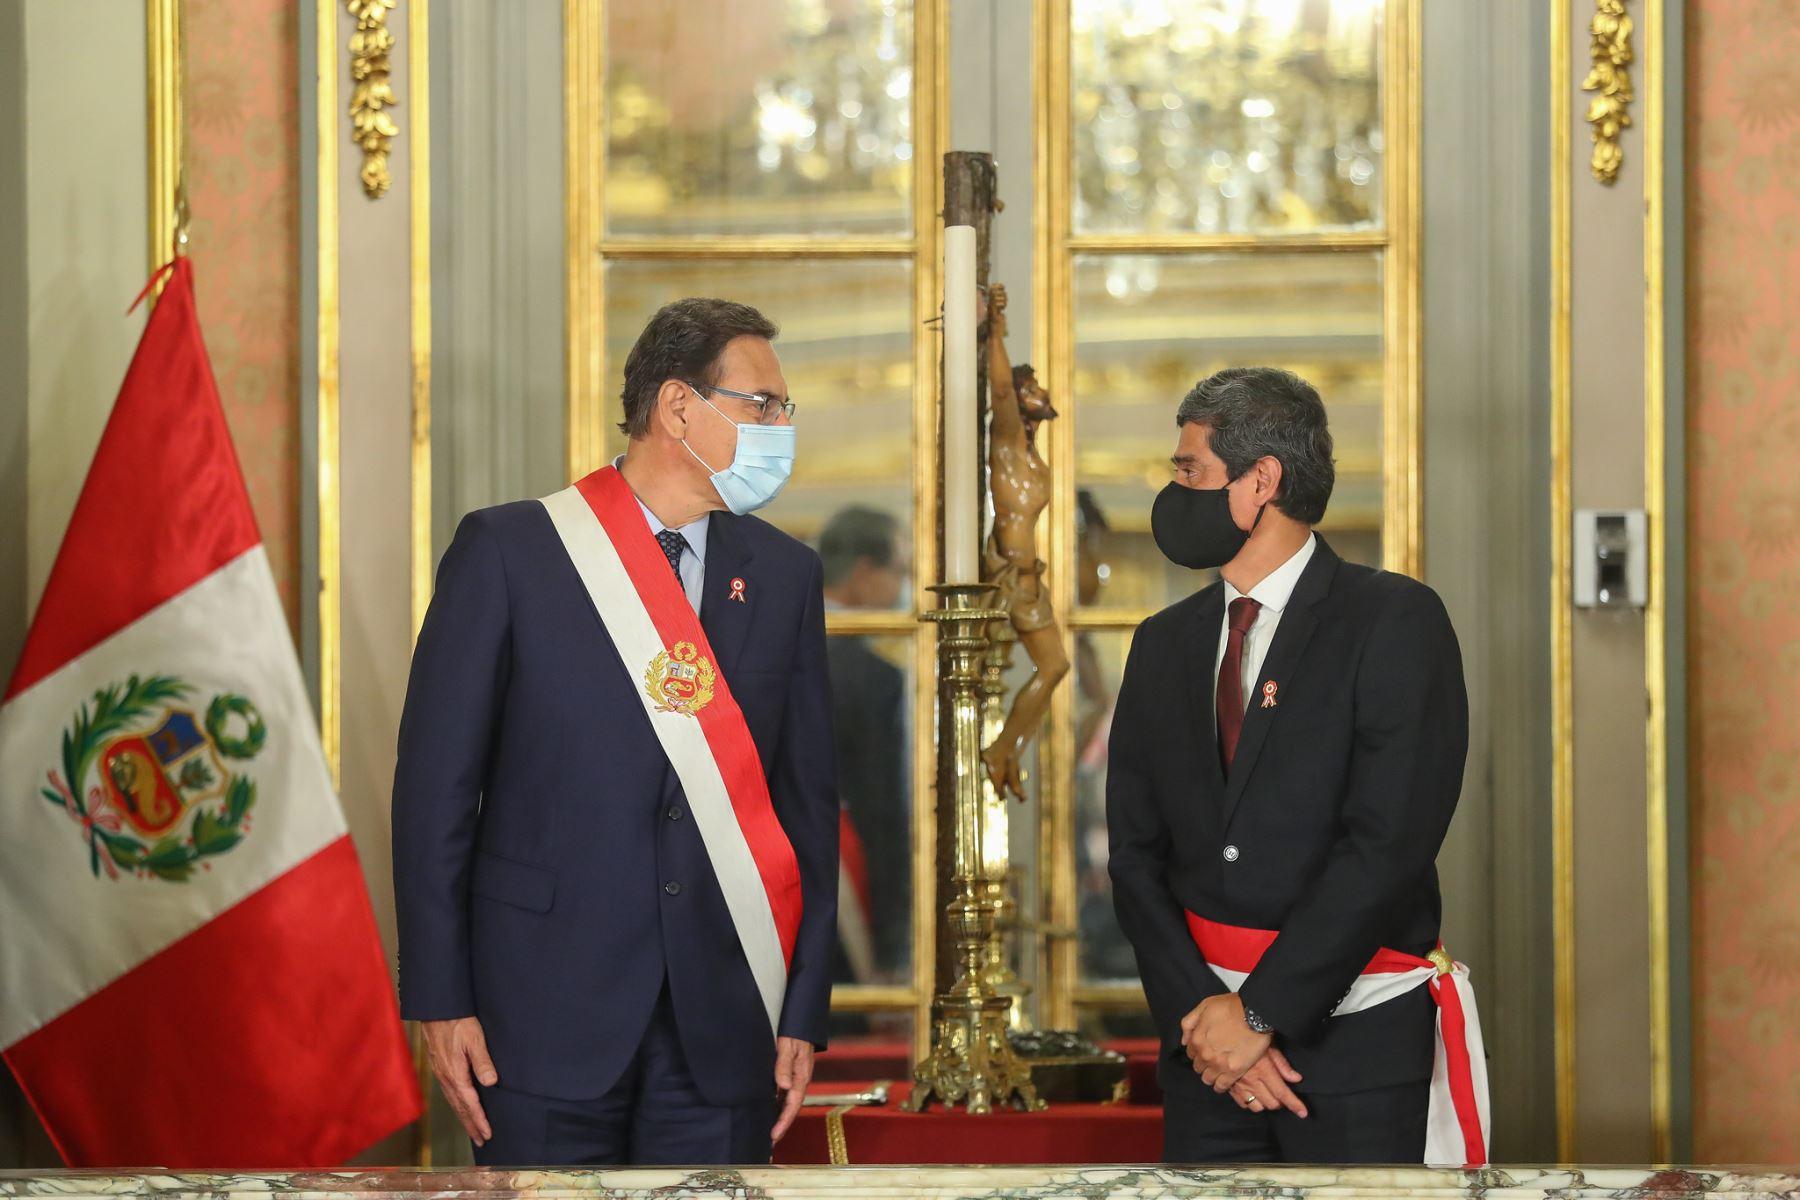 Presidente Martín Vizcarra tomó juramento a Carlos Lozada como ministro de Vivienda, Construcción y Saneamiento. Foto: ANDINA/Presidencia